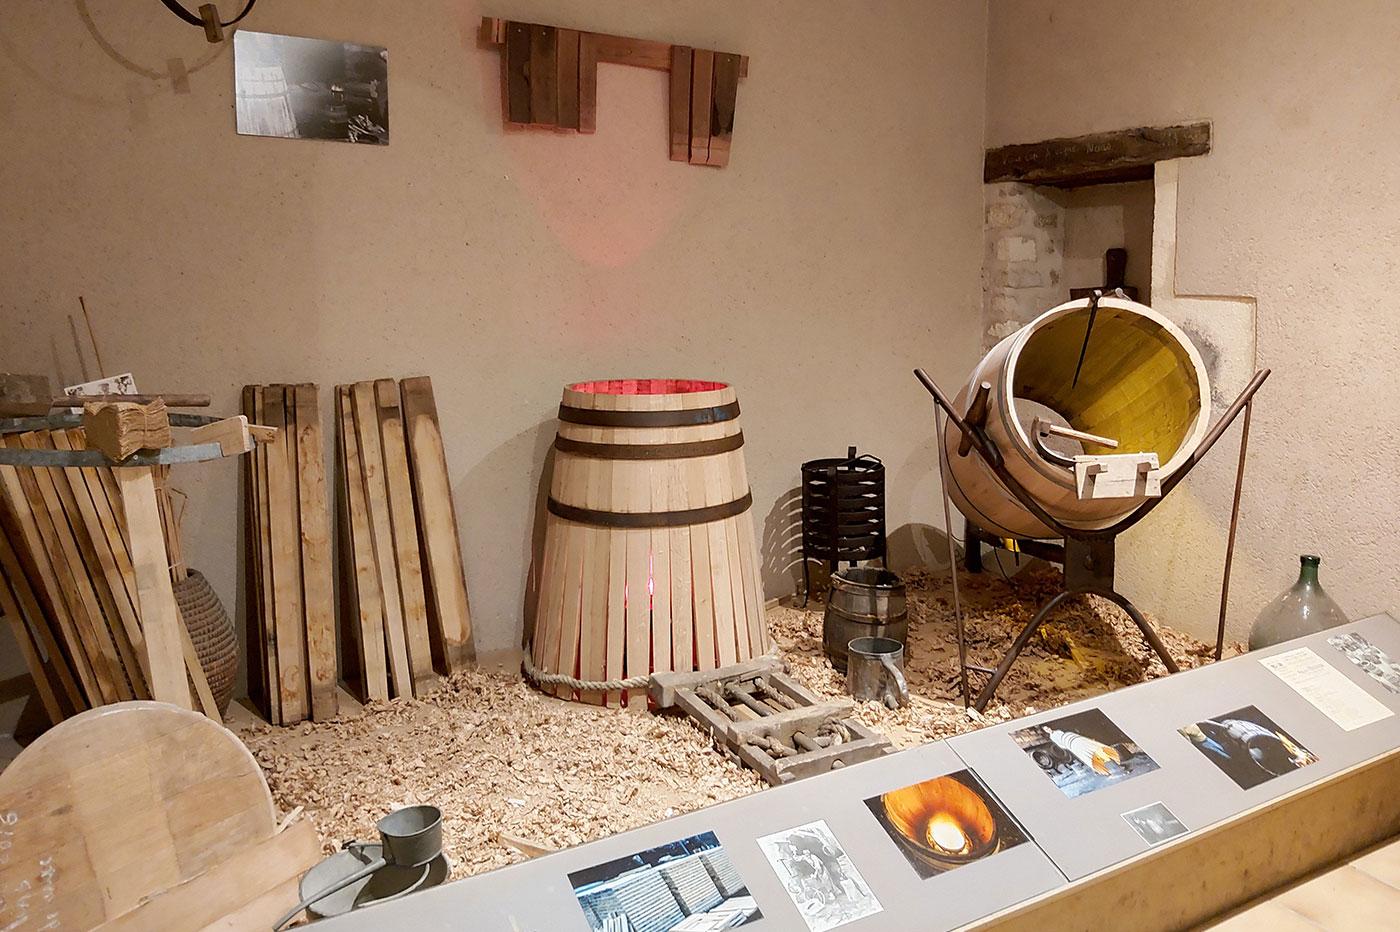 Barrels at the Ecomuseum of Cognac